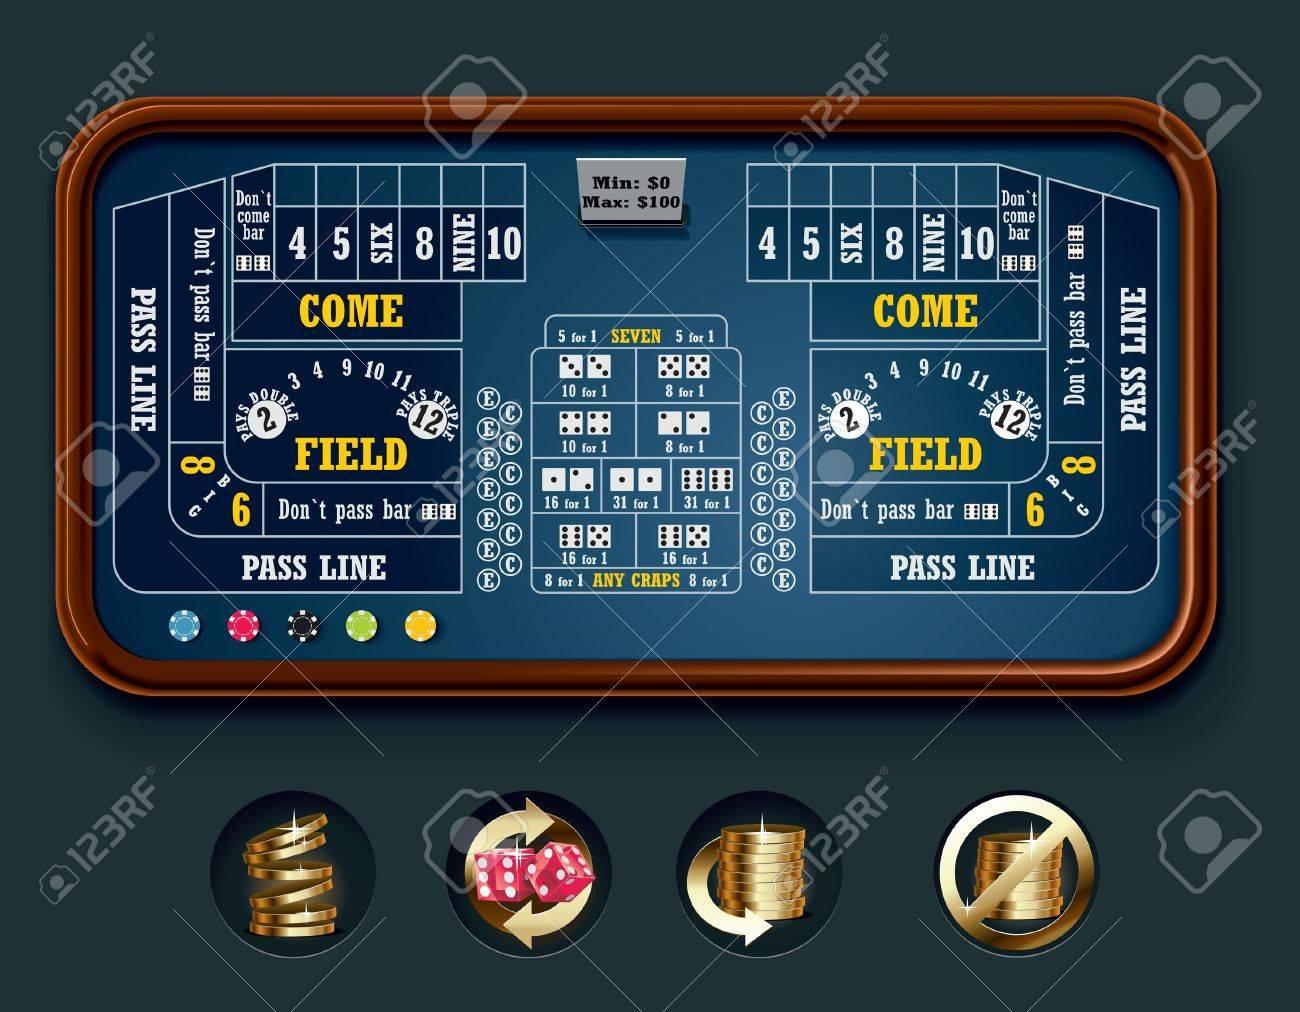 ways to cheat at gambling